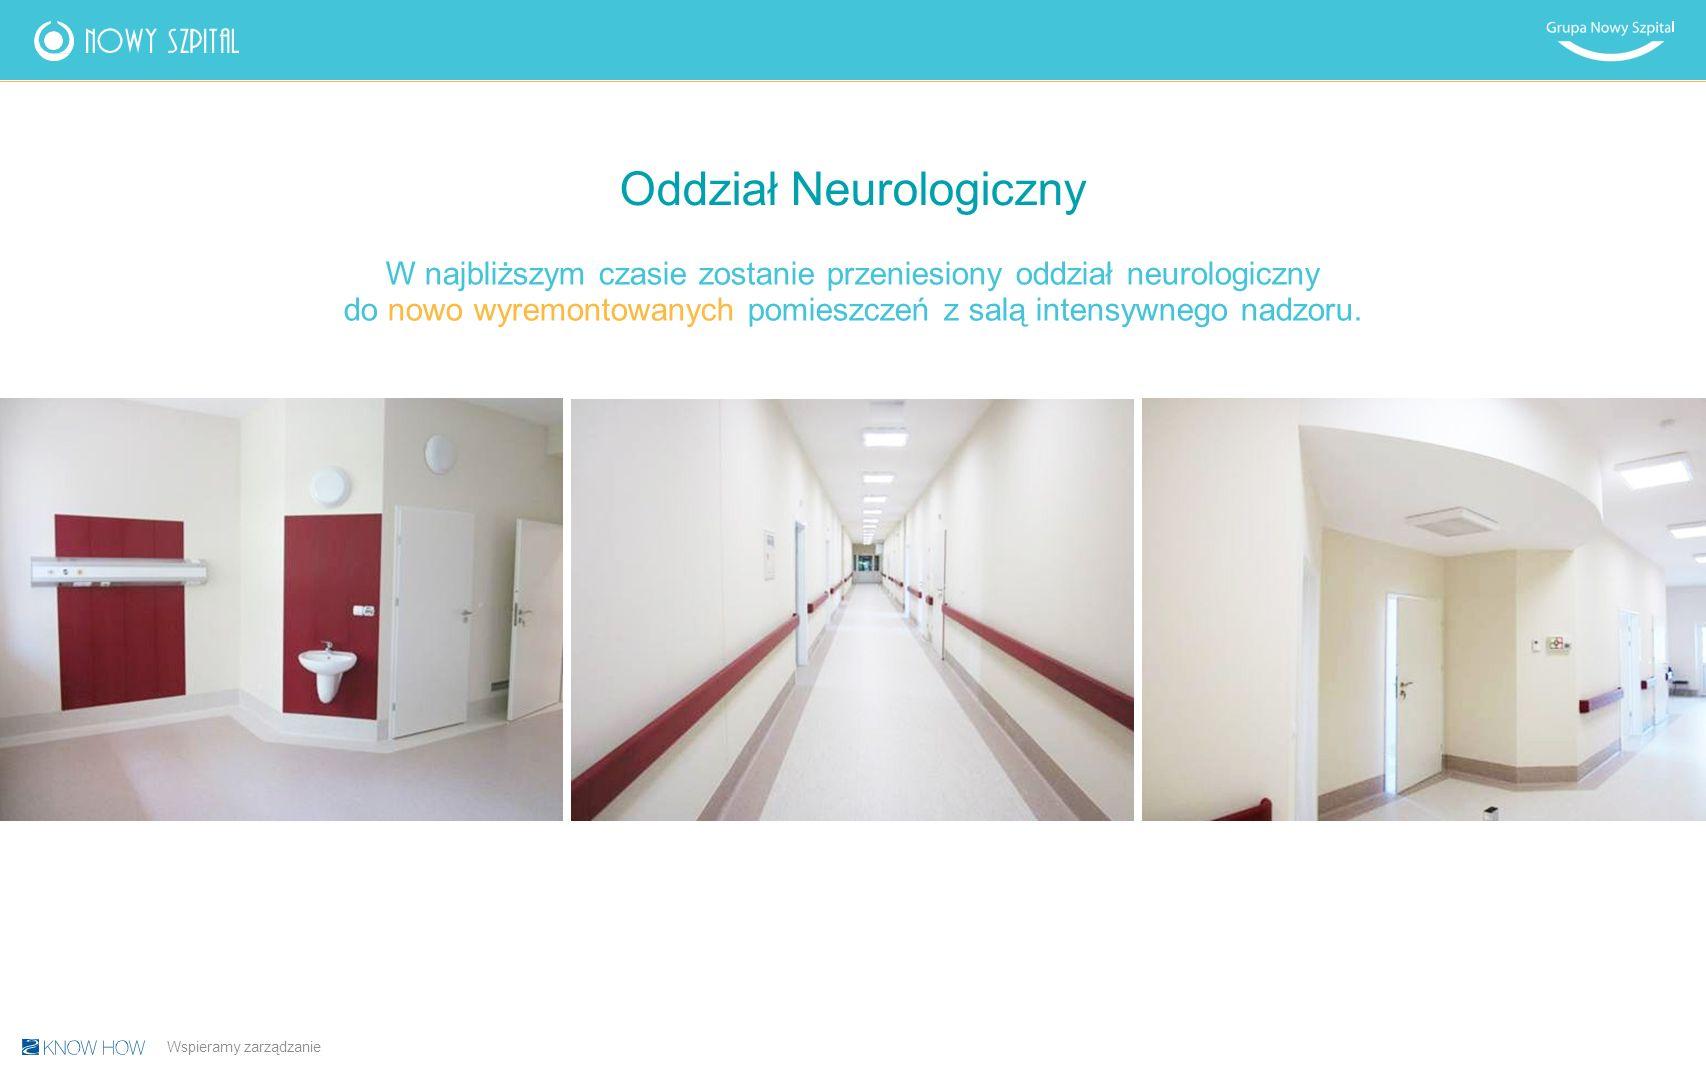 Oddział Neurologiczny W najbliższym czasie zostanie przeniesiony oddział neurologiczny do nowo wyremontowanych pomieszczeń z salą intensywnego nadzoru.